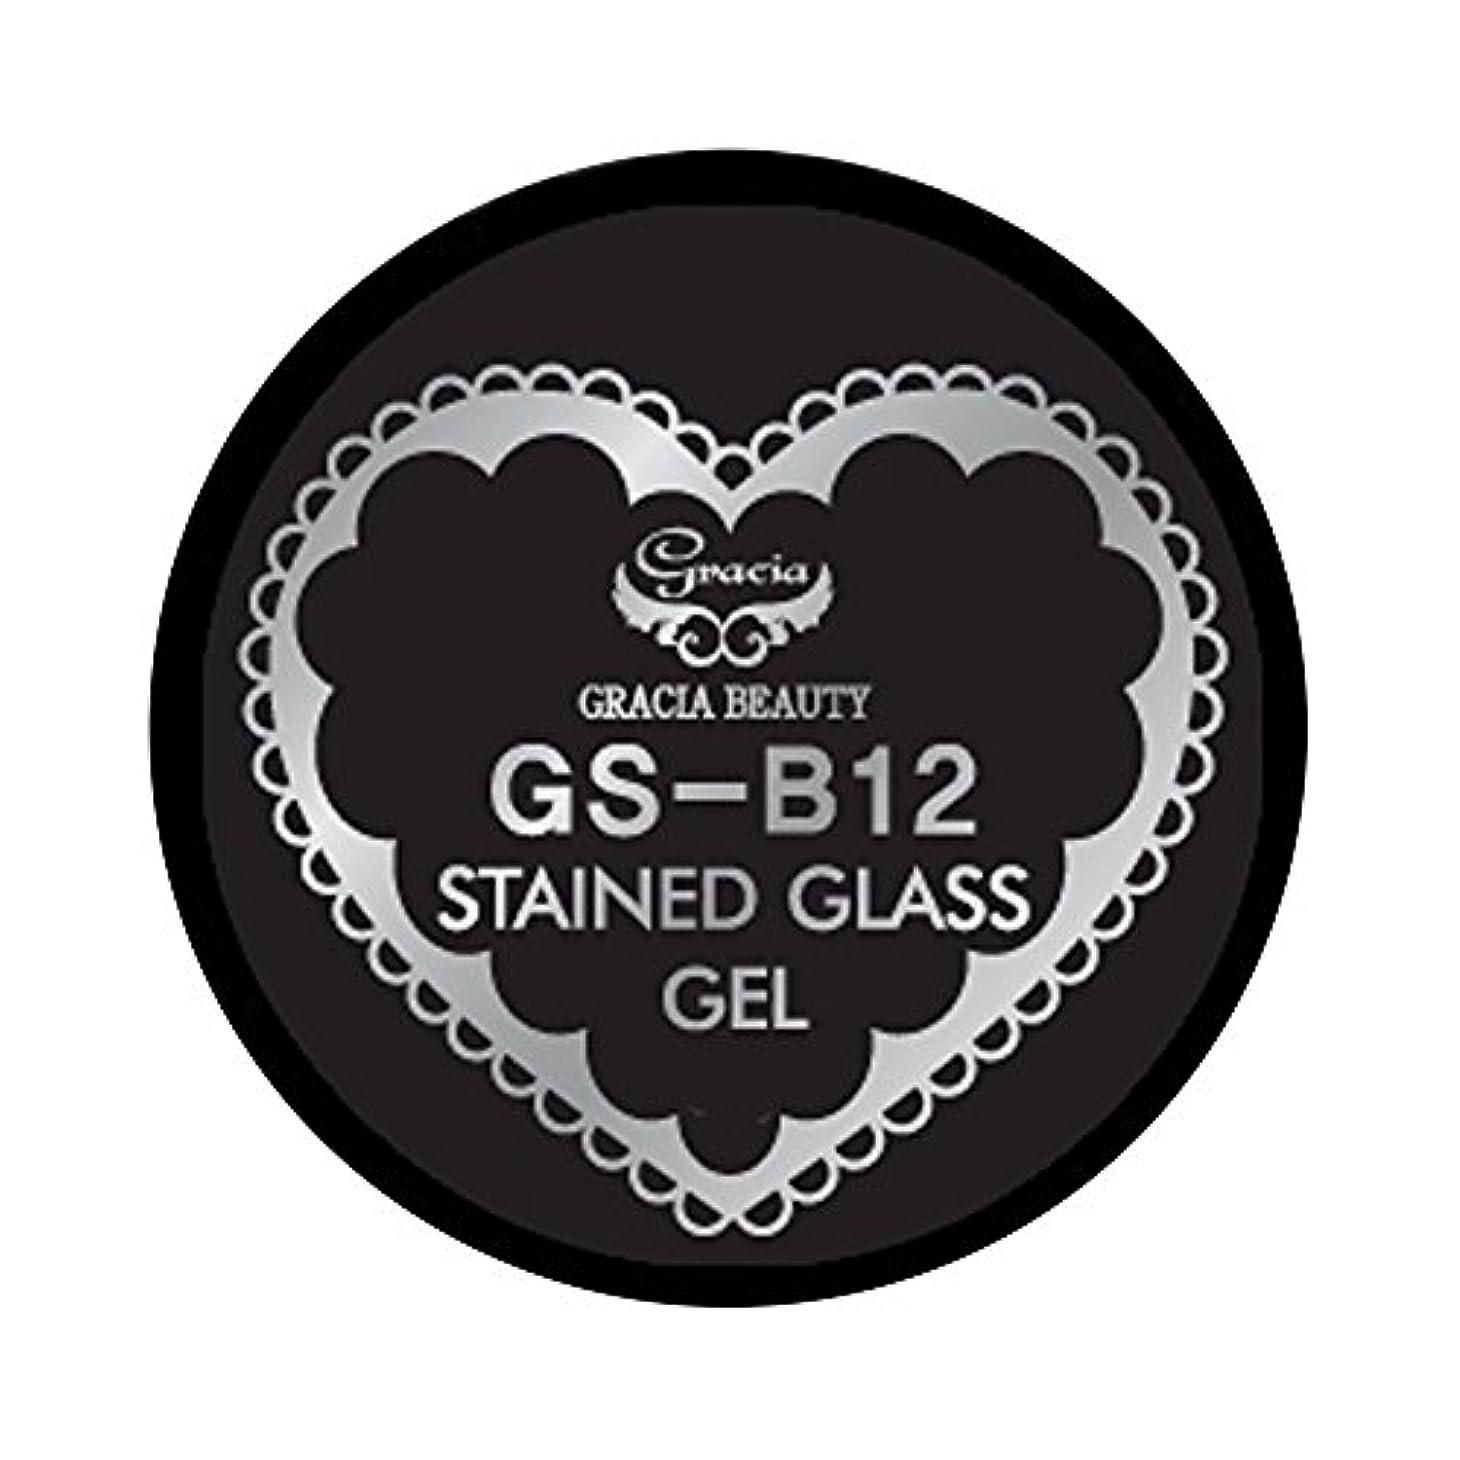 シリアル雹不忠グラシア ジェルネイル ステンドグラスジェル GSM-B12 3g  ベーシック UV/LED対応 カラージェル ソークオフジェル ガラスのような透明感